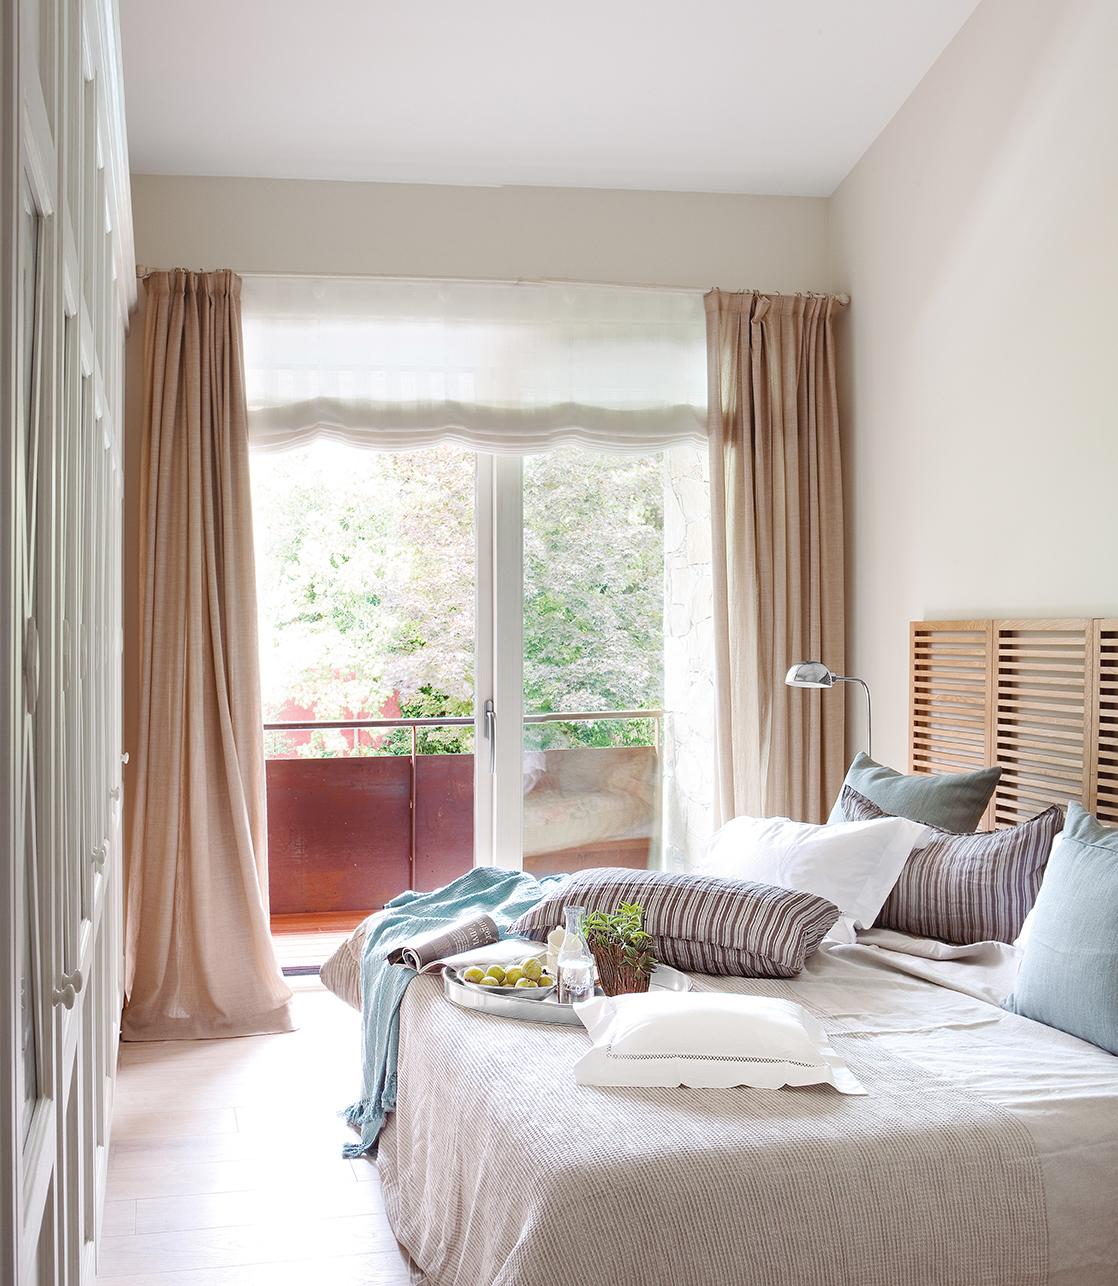 dormitorio con cama con cabecero de madera armario empotrado y ventana con estores y cortinas with estores bonitos